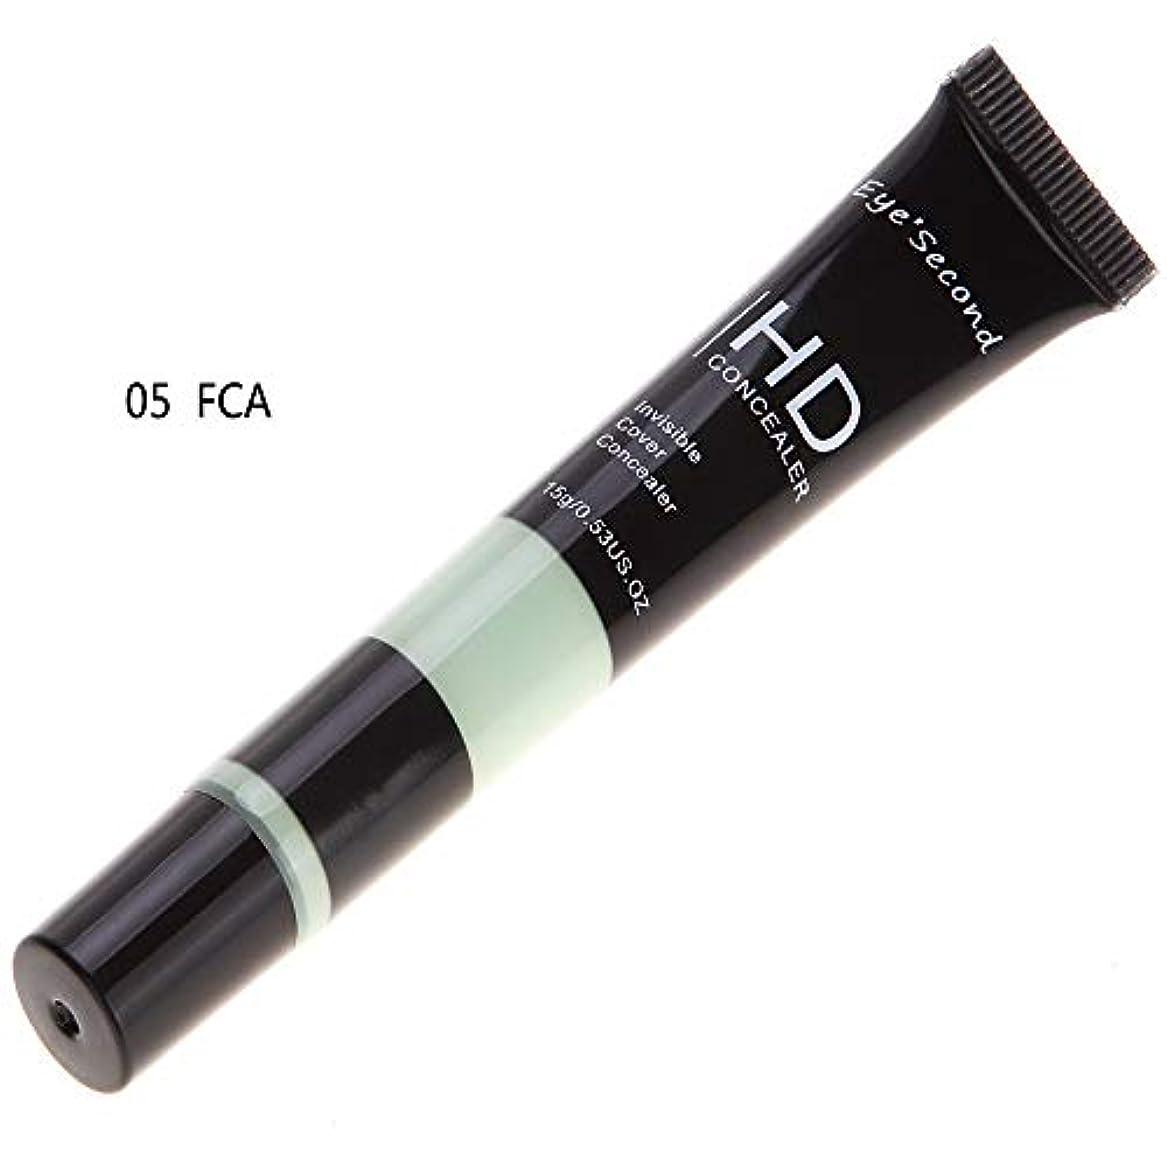 チェリー新着発行コンシーラー フラットヘッド ホース 保湿 ホワイトニング カバーパーフェクション チップ 化粧品 上質 滑らかな風合い